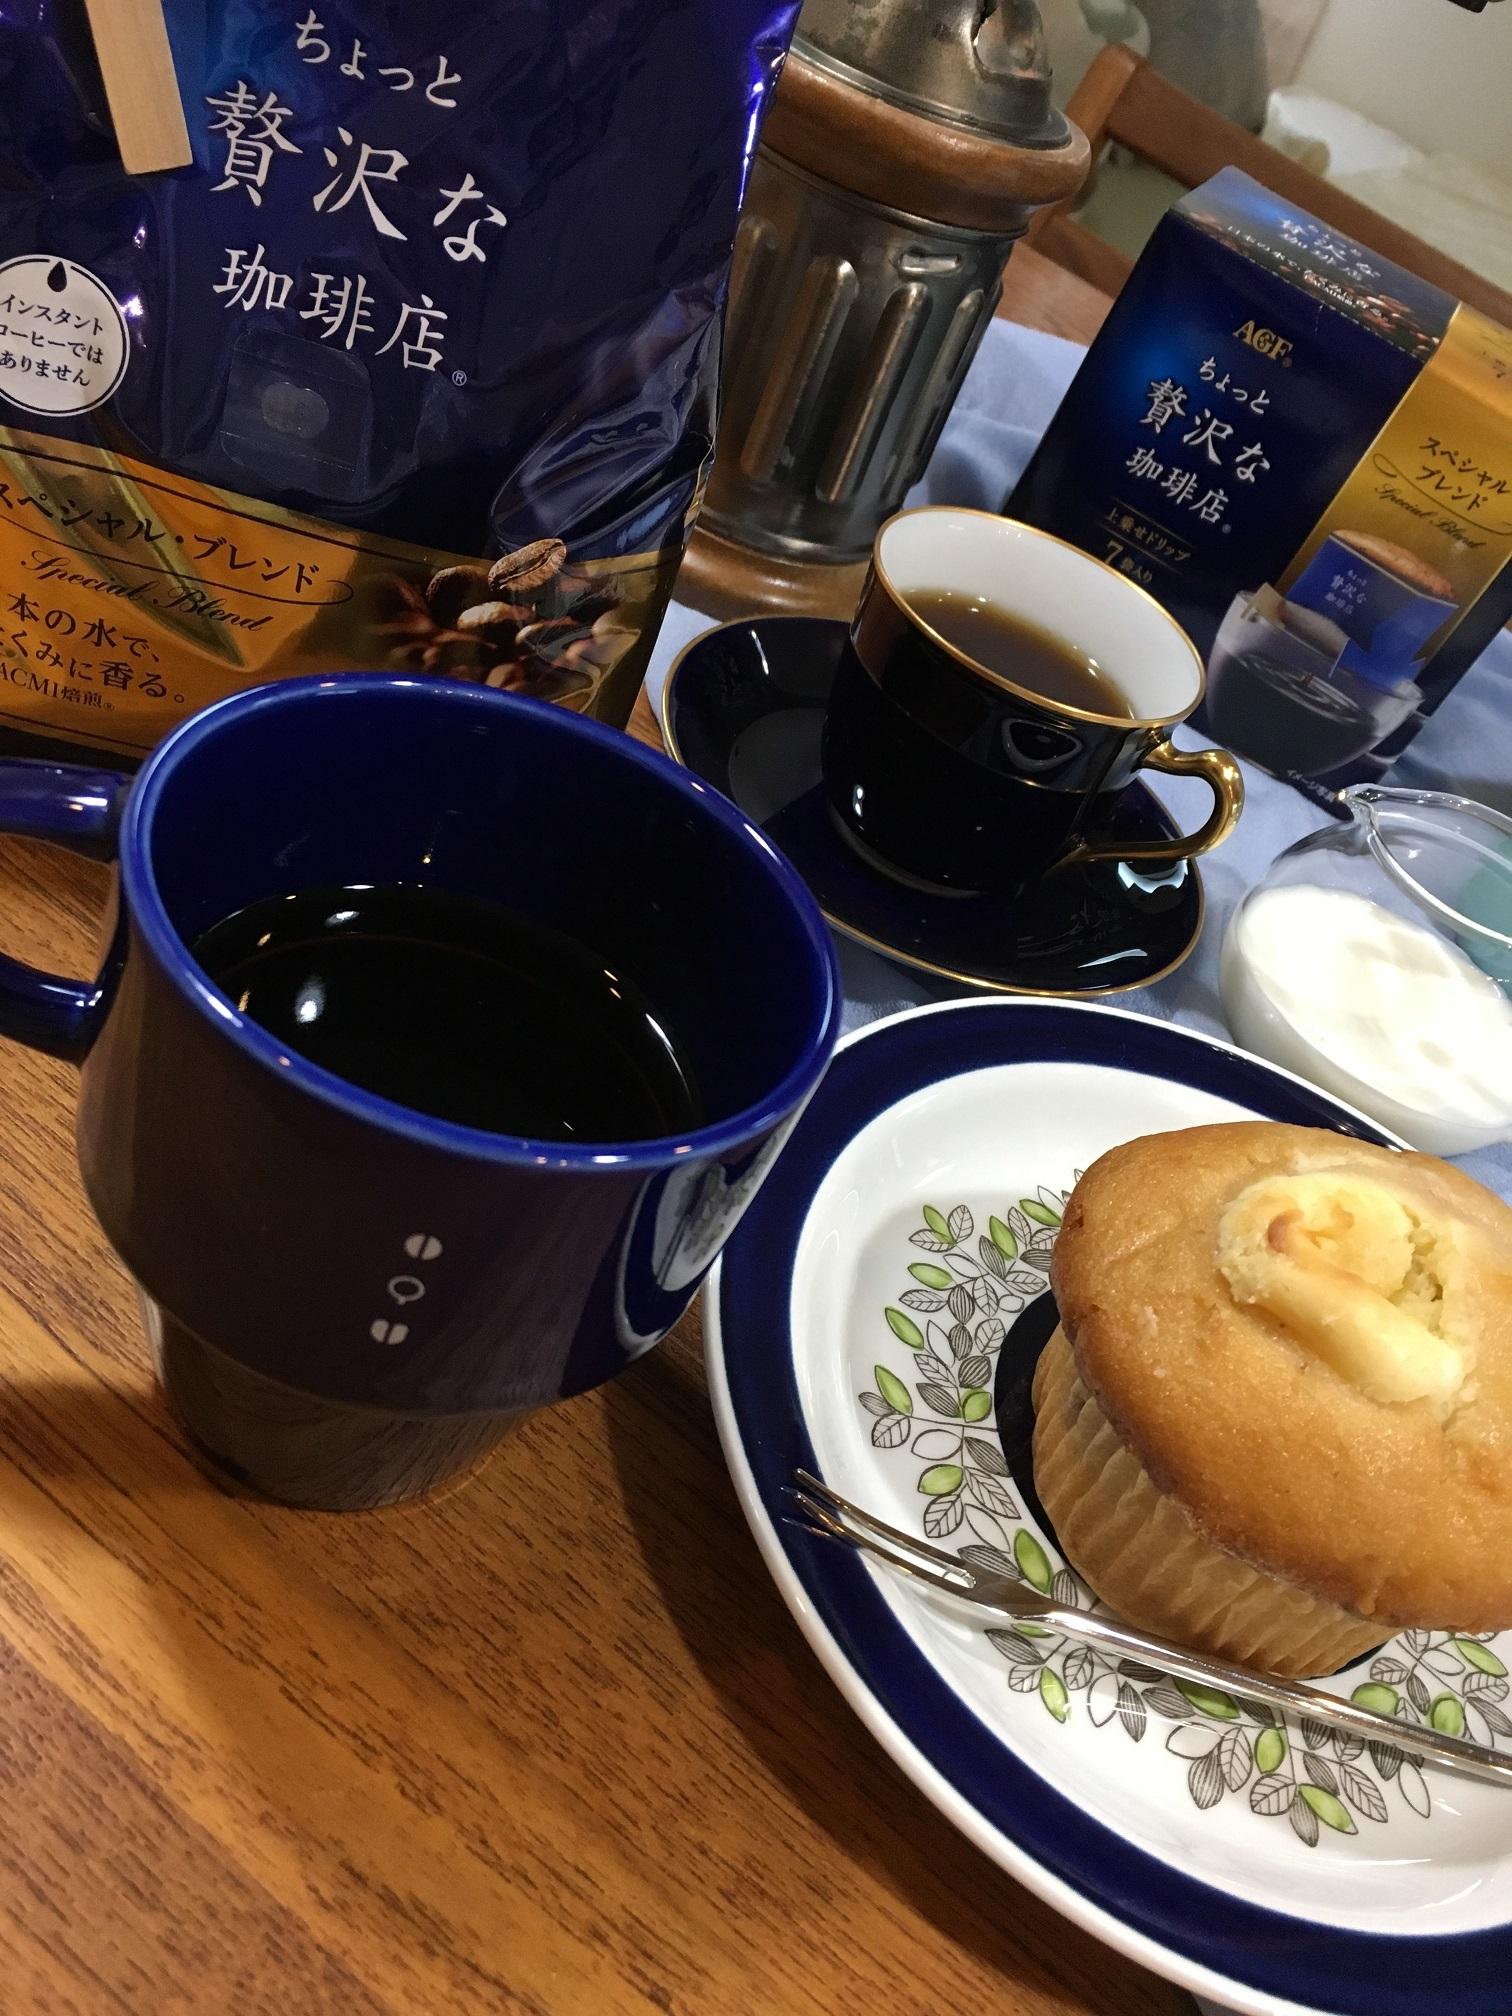 COFFEE&BLUEってご存じですか?おうちでちょっと贅沢な珈琲店楽しんでます♪_1_1-2